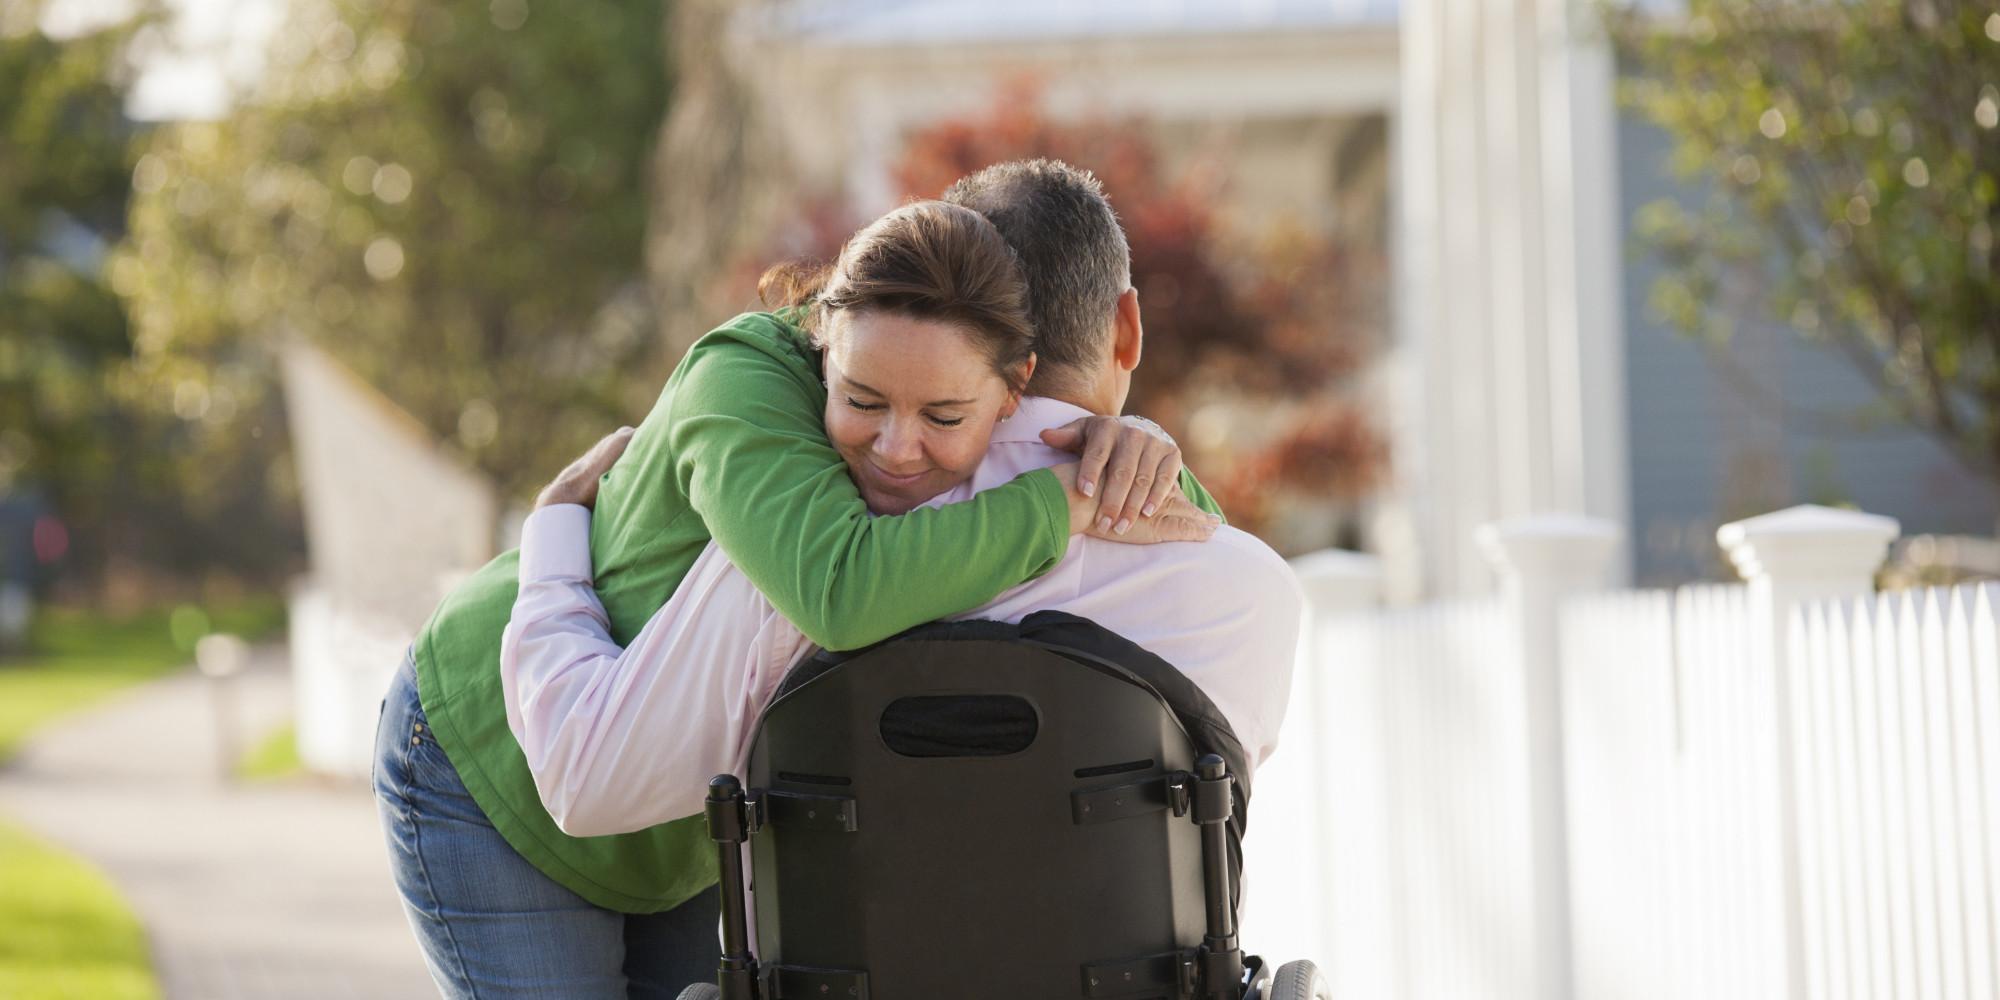 partnersuche handicap Handicap love (handicap-lovede) eine singlebörse für menschen mit behinderung und weitere links und infos zu singlebörsen, dating und partnersuche auf dating-partnersuche-infode.